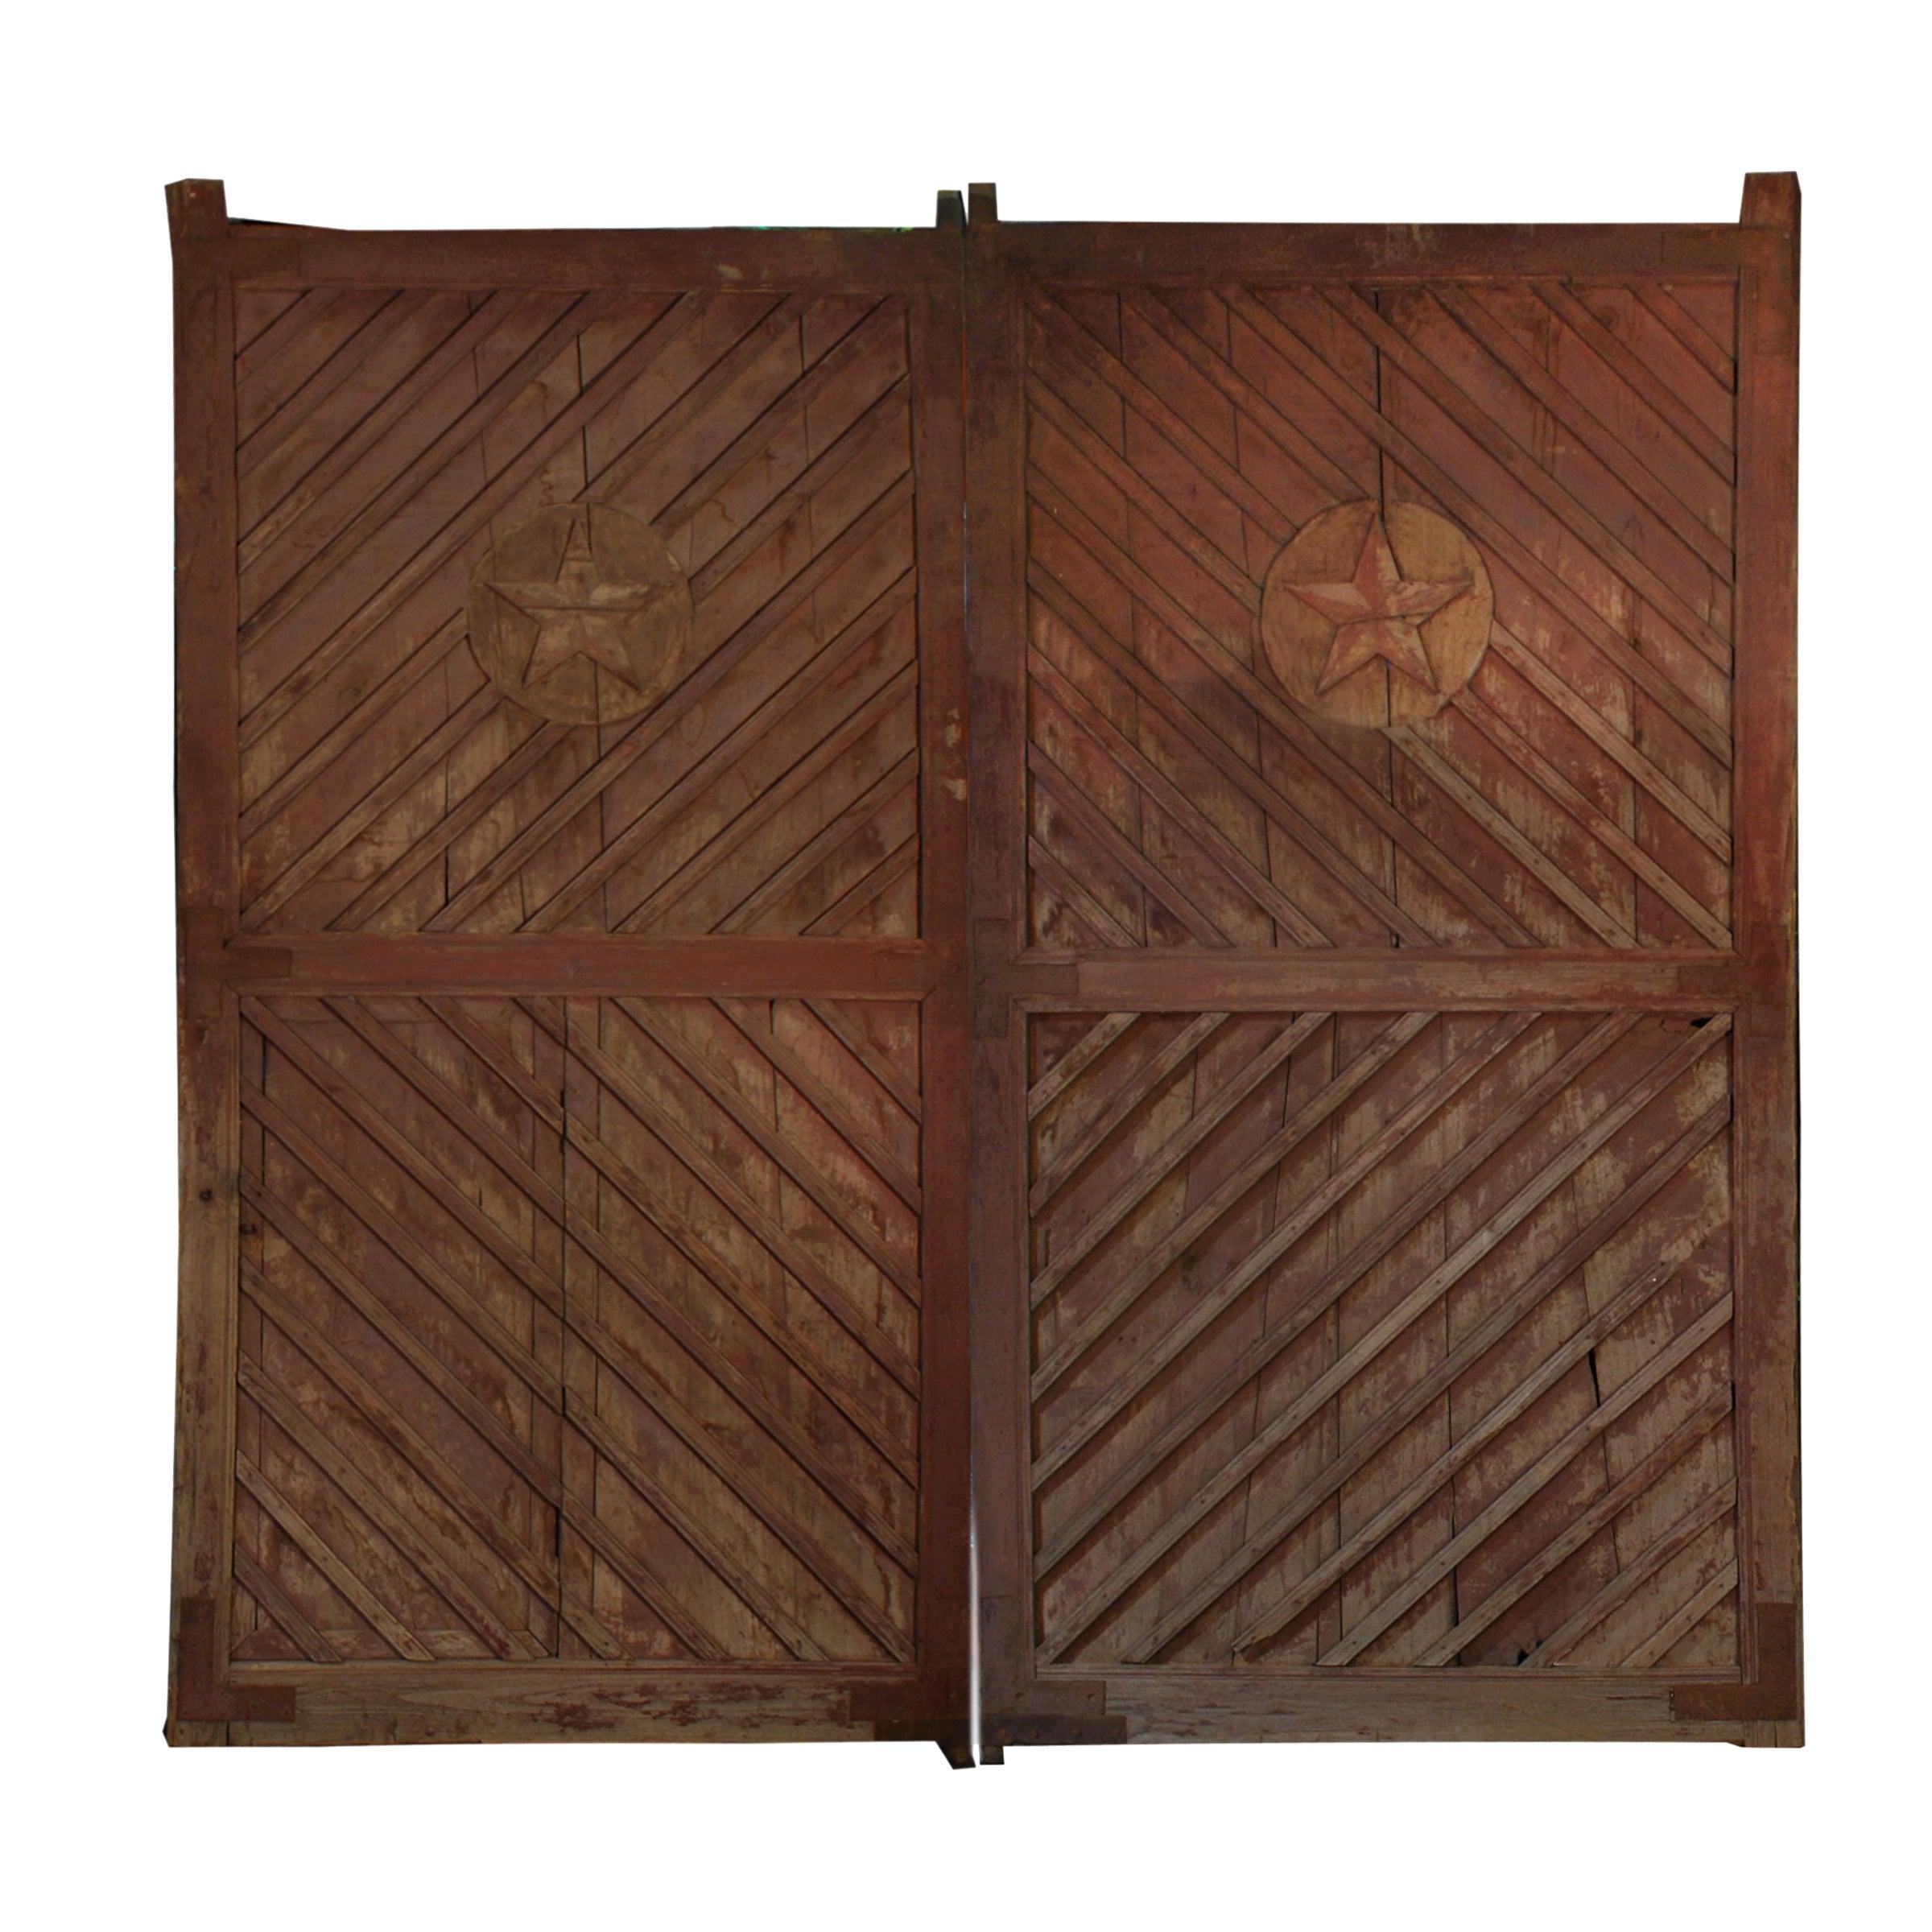 Pair of Chinese 20th Century Grand Courtyard Doors